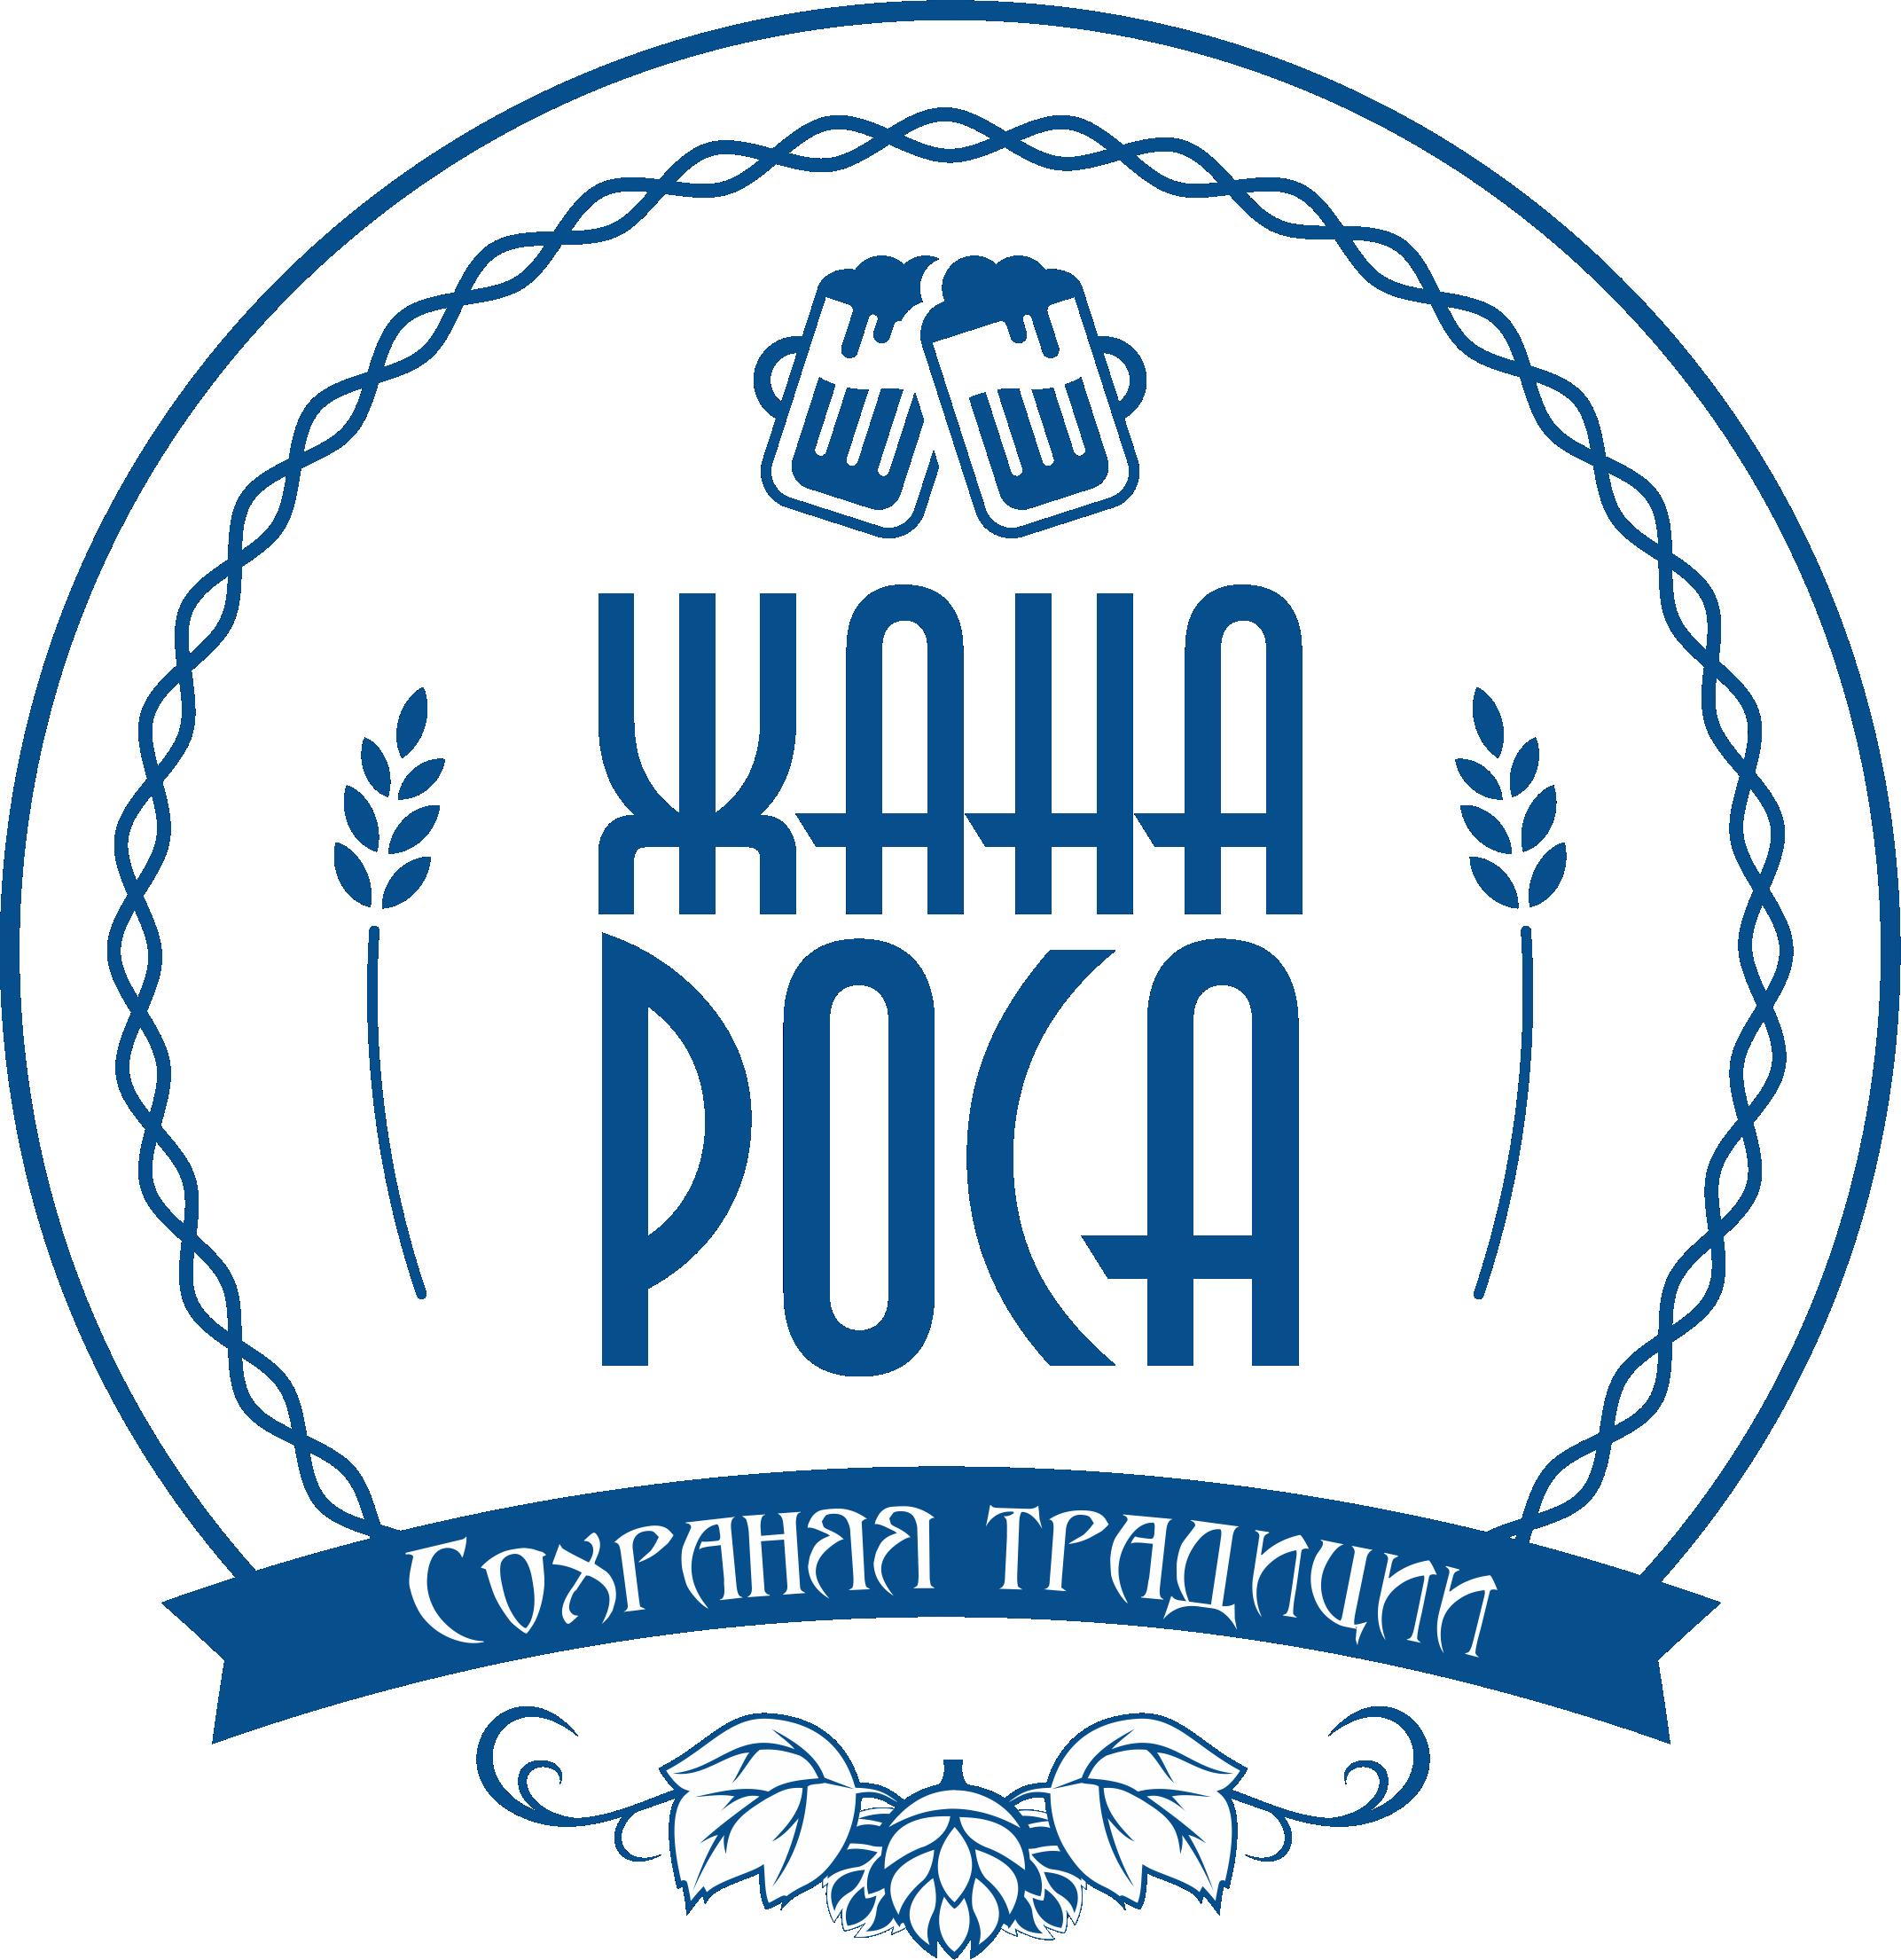 Жана Роса, ,  Павлодар